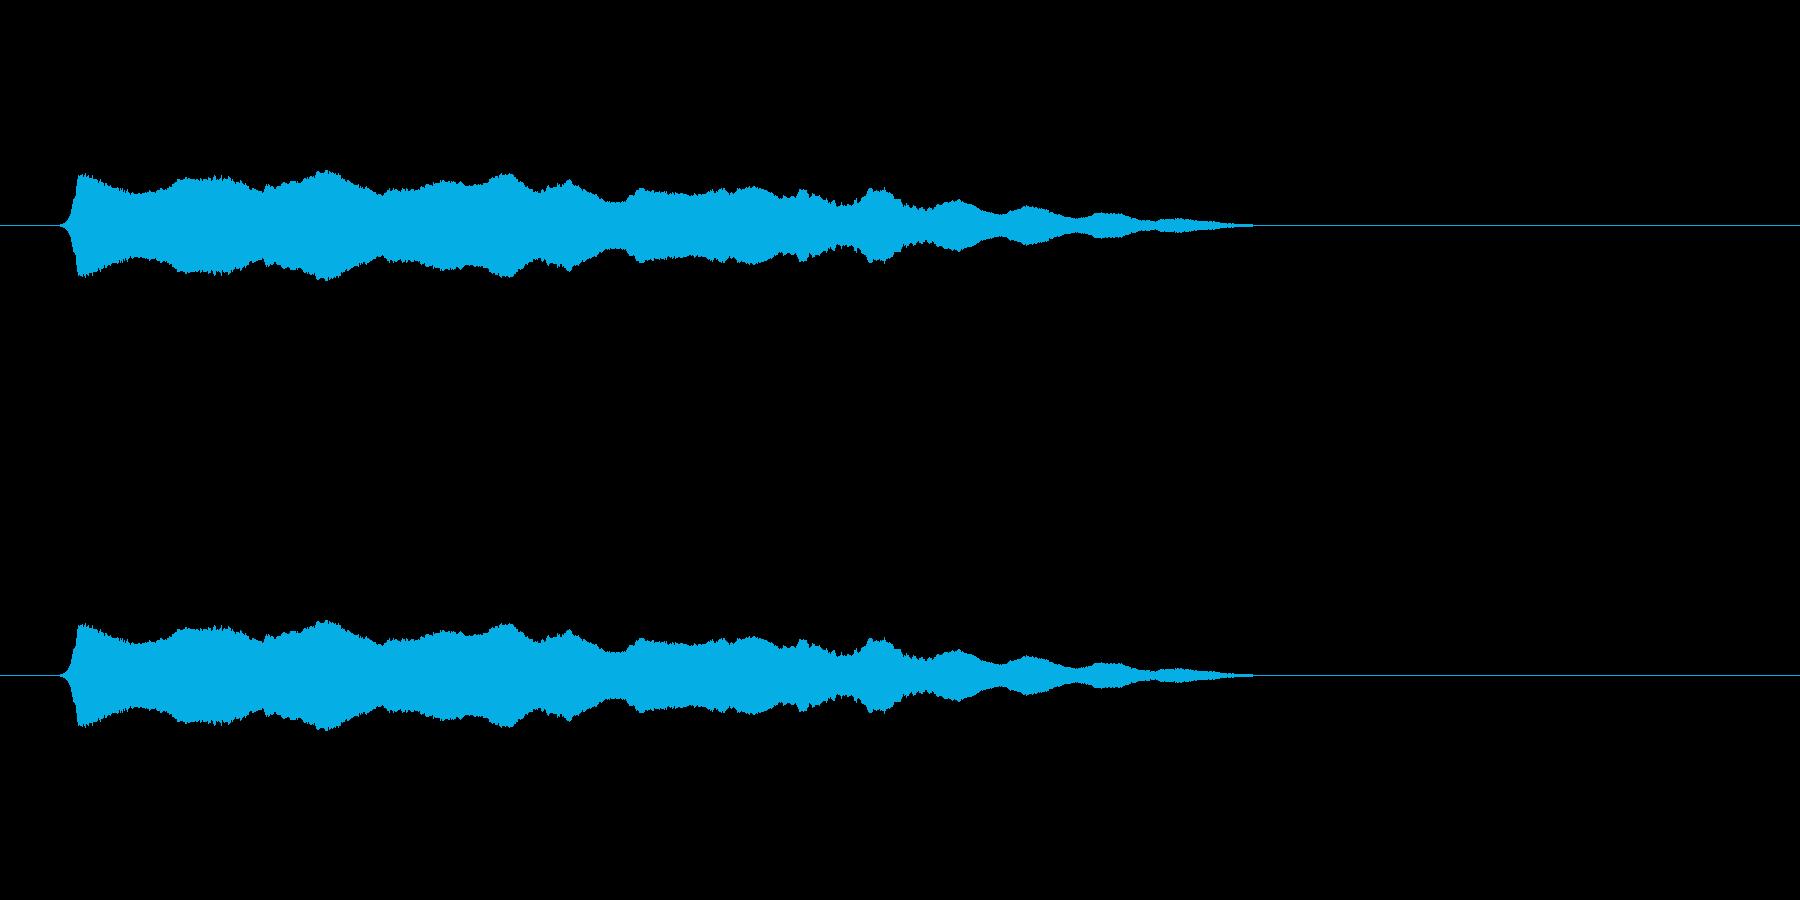 ひゅ~~~(落下音、長め)の再生済みの波形